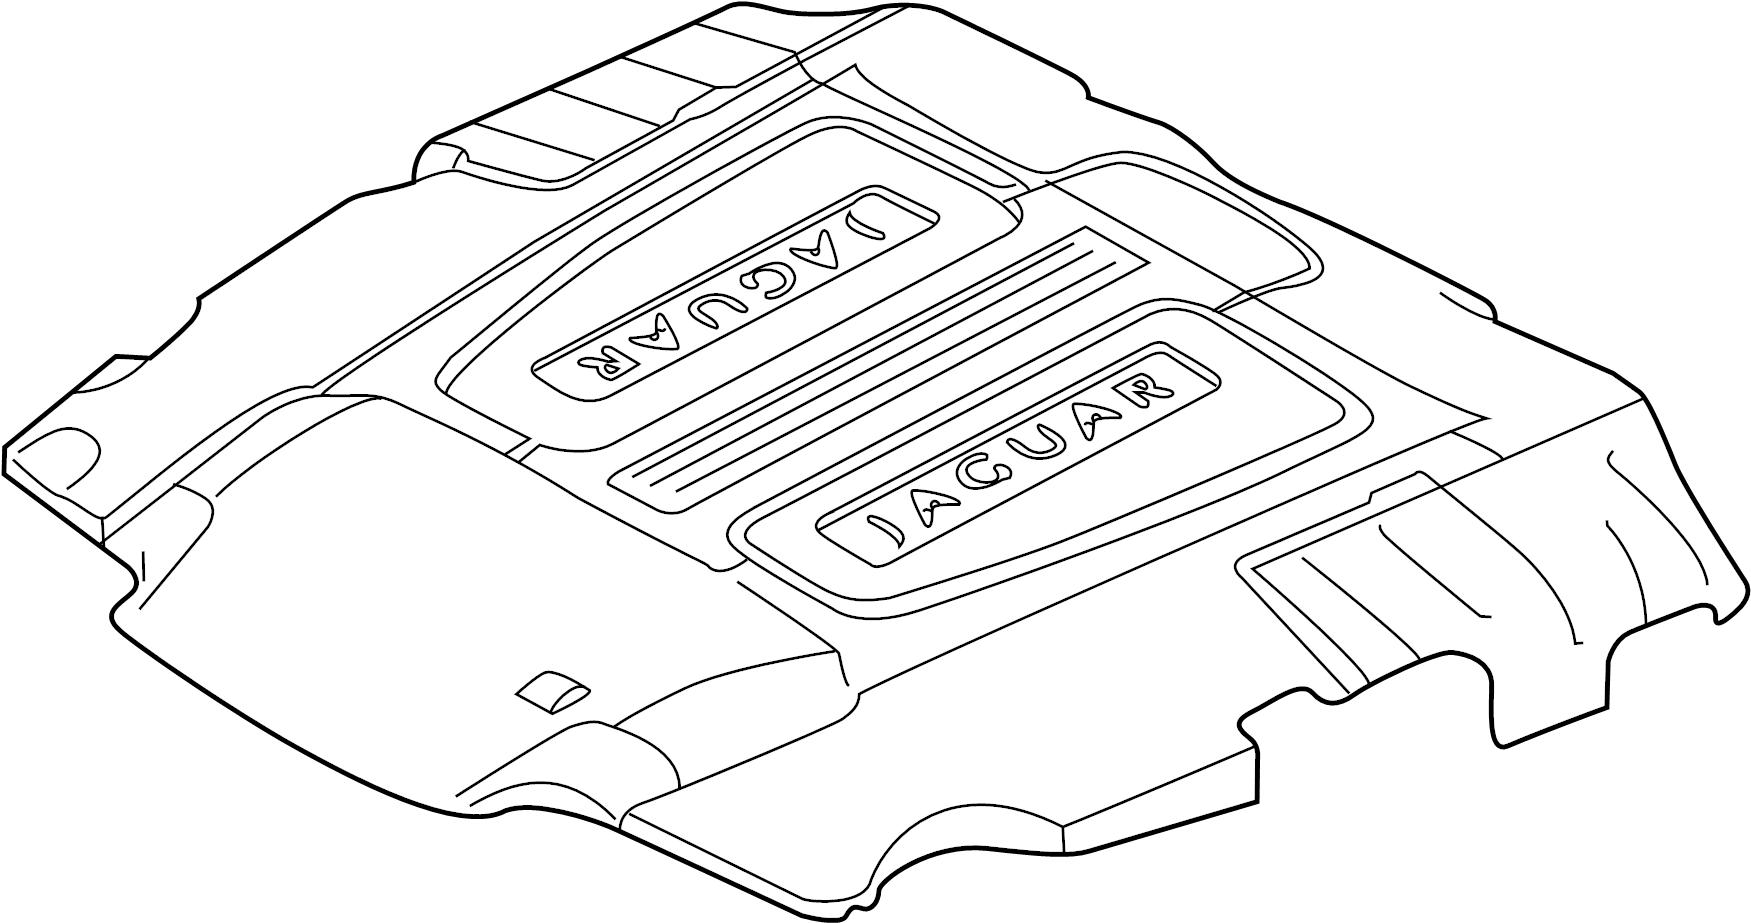 Jaguar Xfr S Engine Cover Wsupercharger Liter